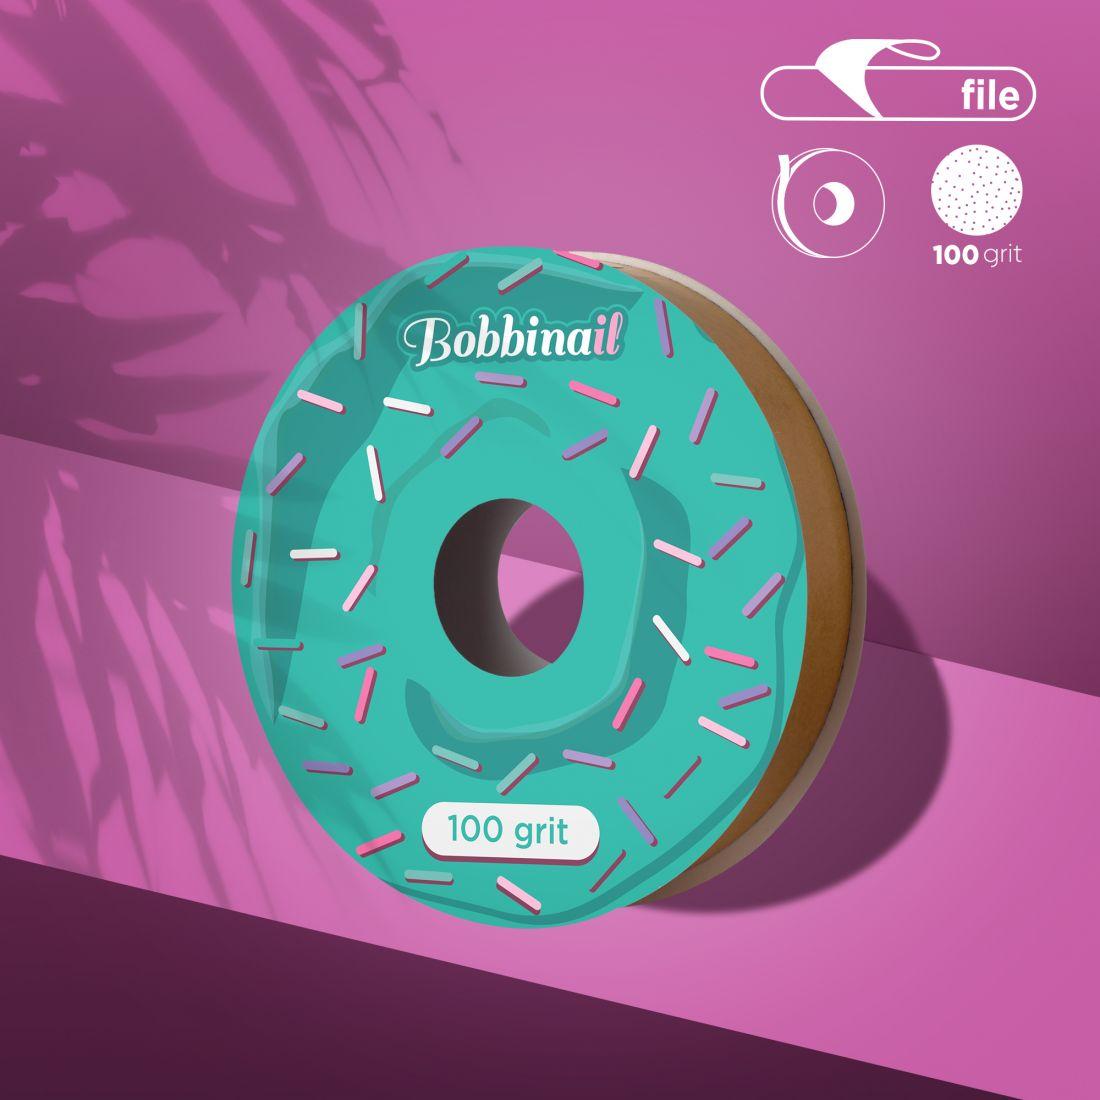 Запасной блок файл-ленты для пластиковой катушки Bobbinail STALEKS PRO 100 грит (8м)